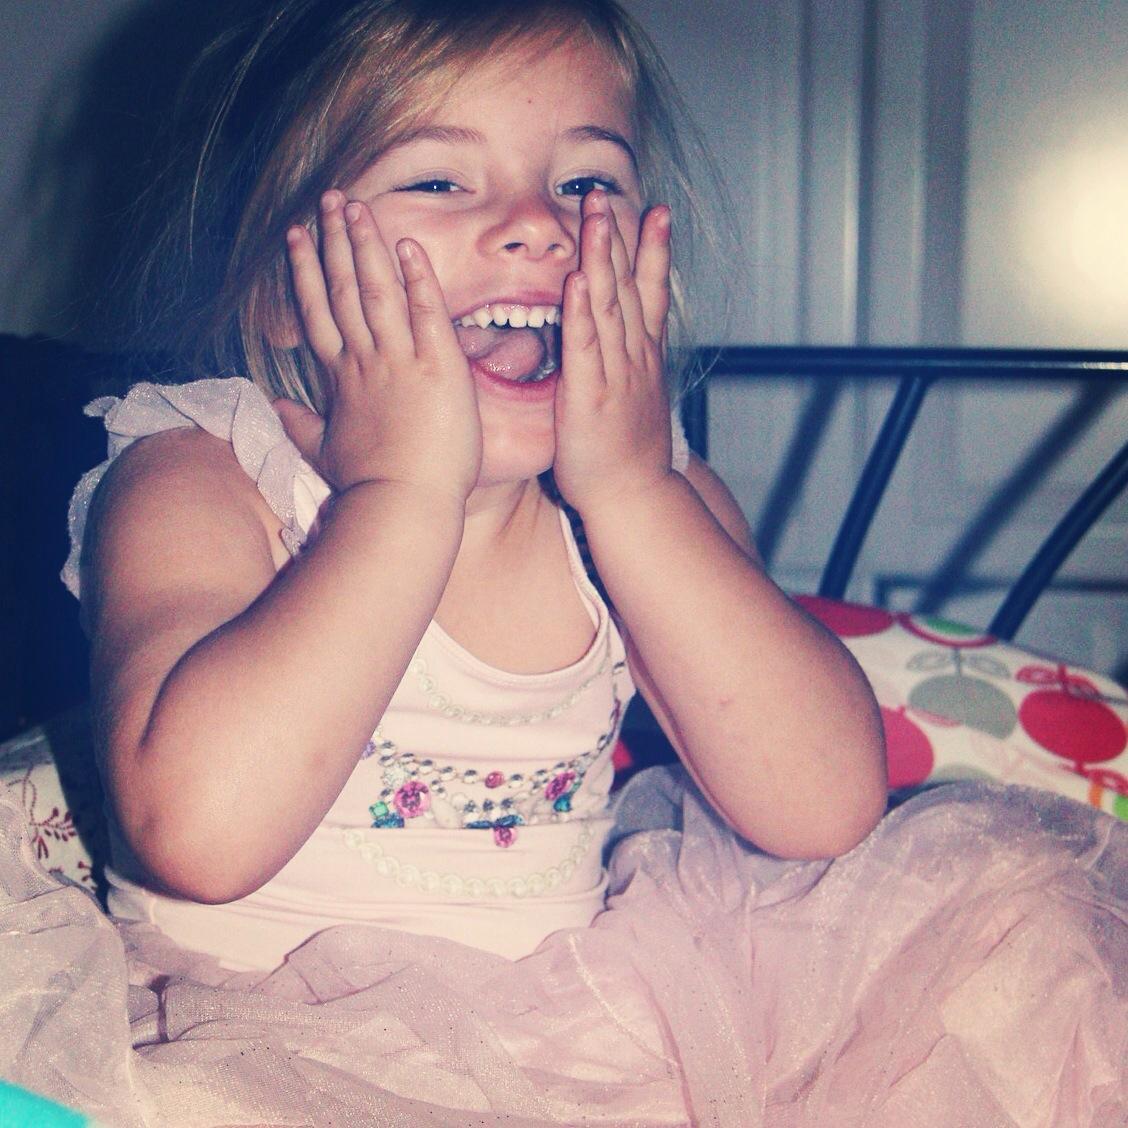 Op zondag werd Eva 4! Ze kwam onze kamer binnen en vroeg: Ben ik vandaag dan echt eindelijk vier?? EN dit was haar reactie. Uiteraard had ze haar baljuk al aan. Het blijft Eva!